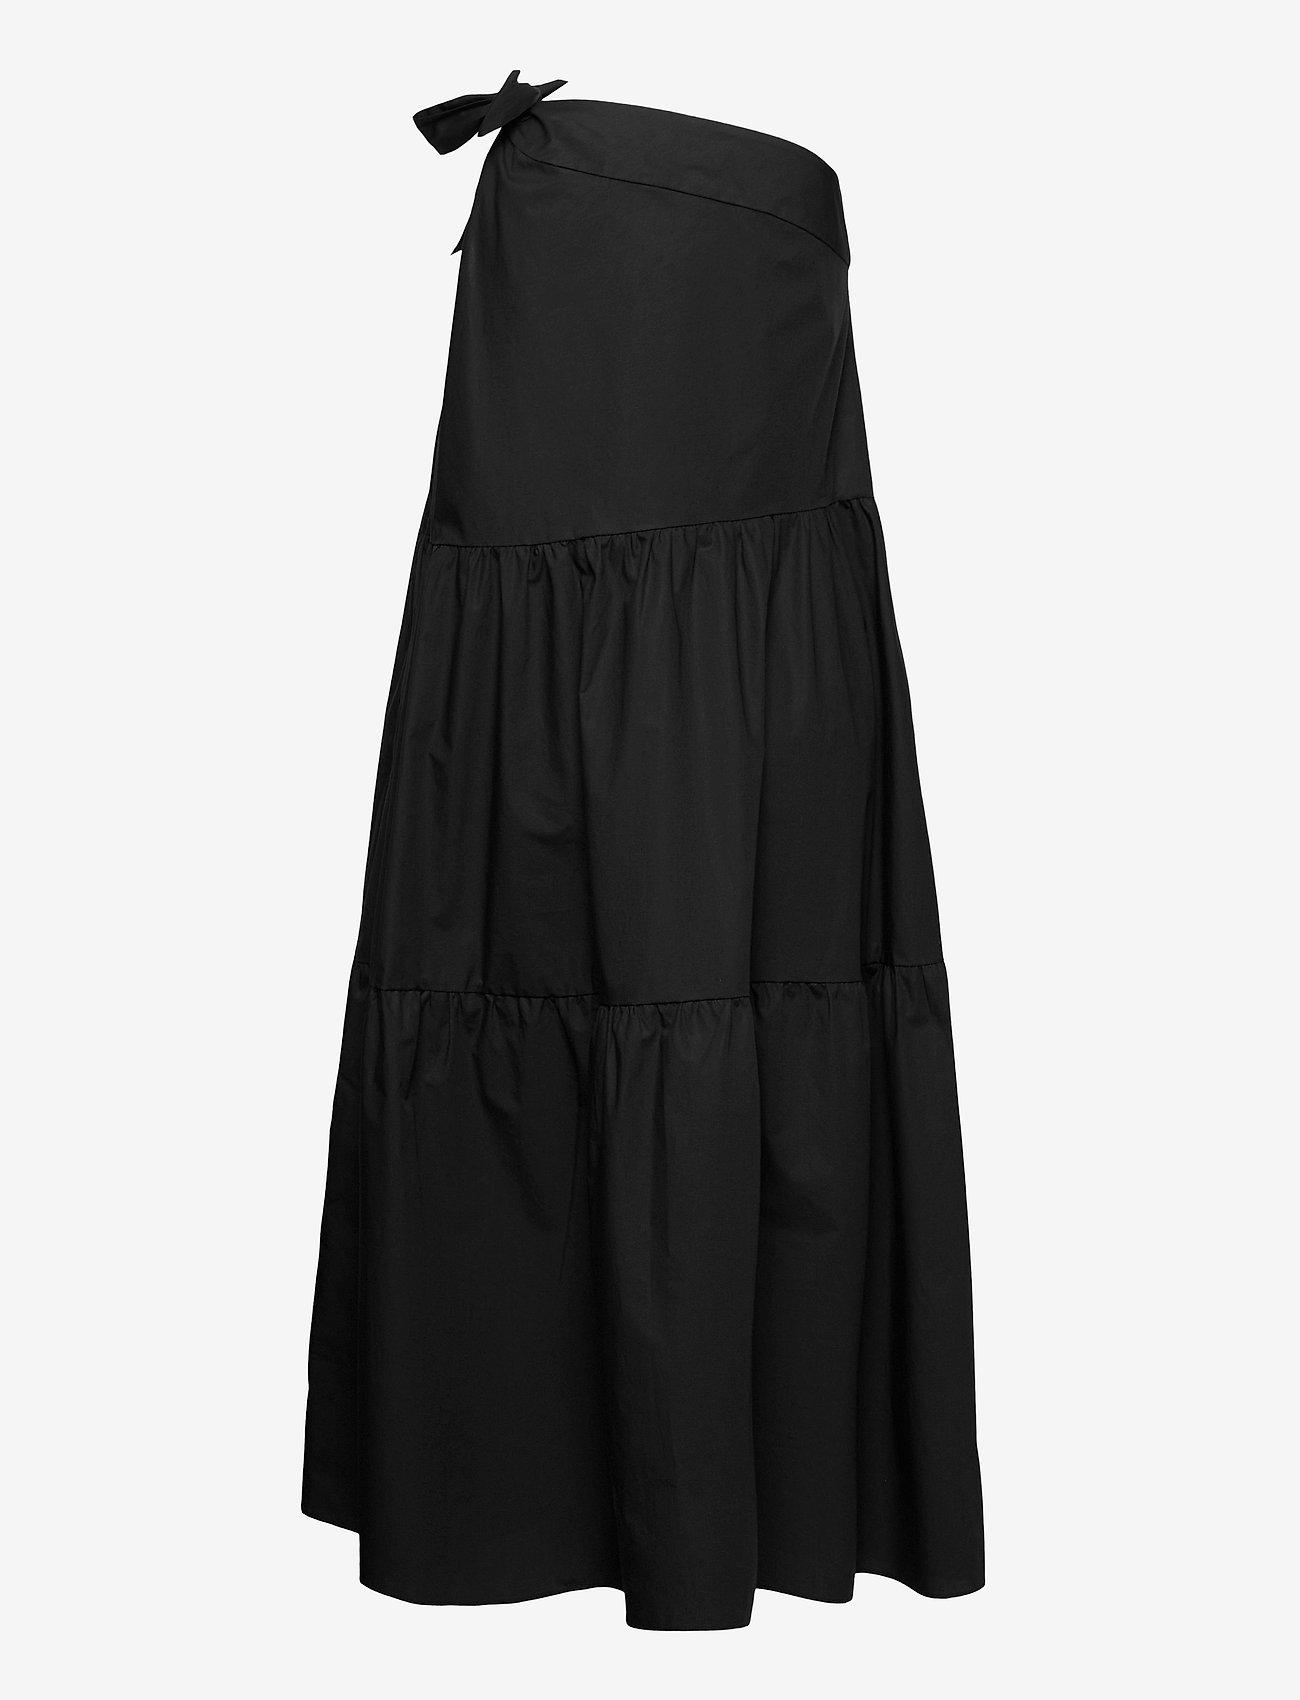 Ivy & Oak - ONE SHOULDER DRESS MAXI LENGHT - sommerkjoler - black - 1